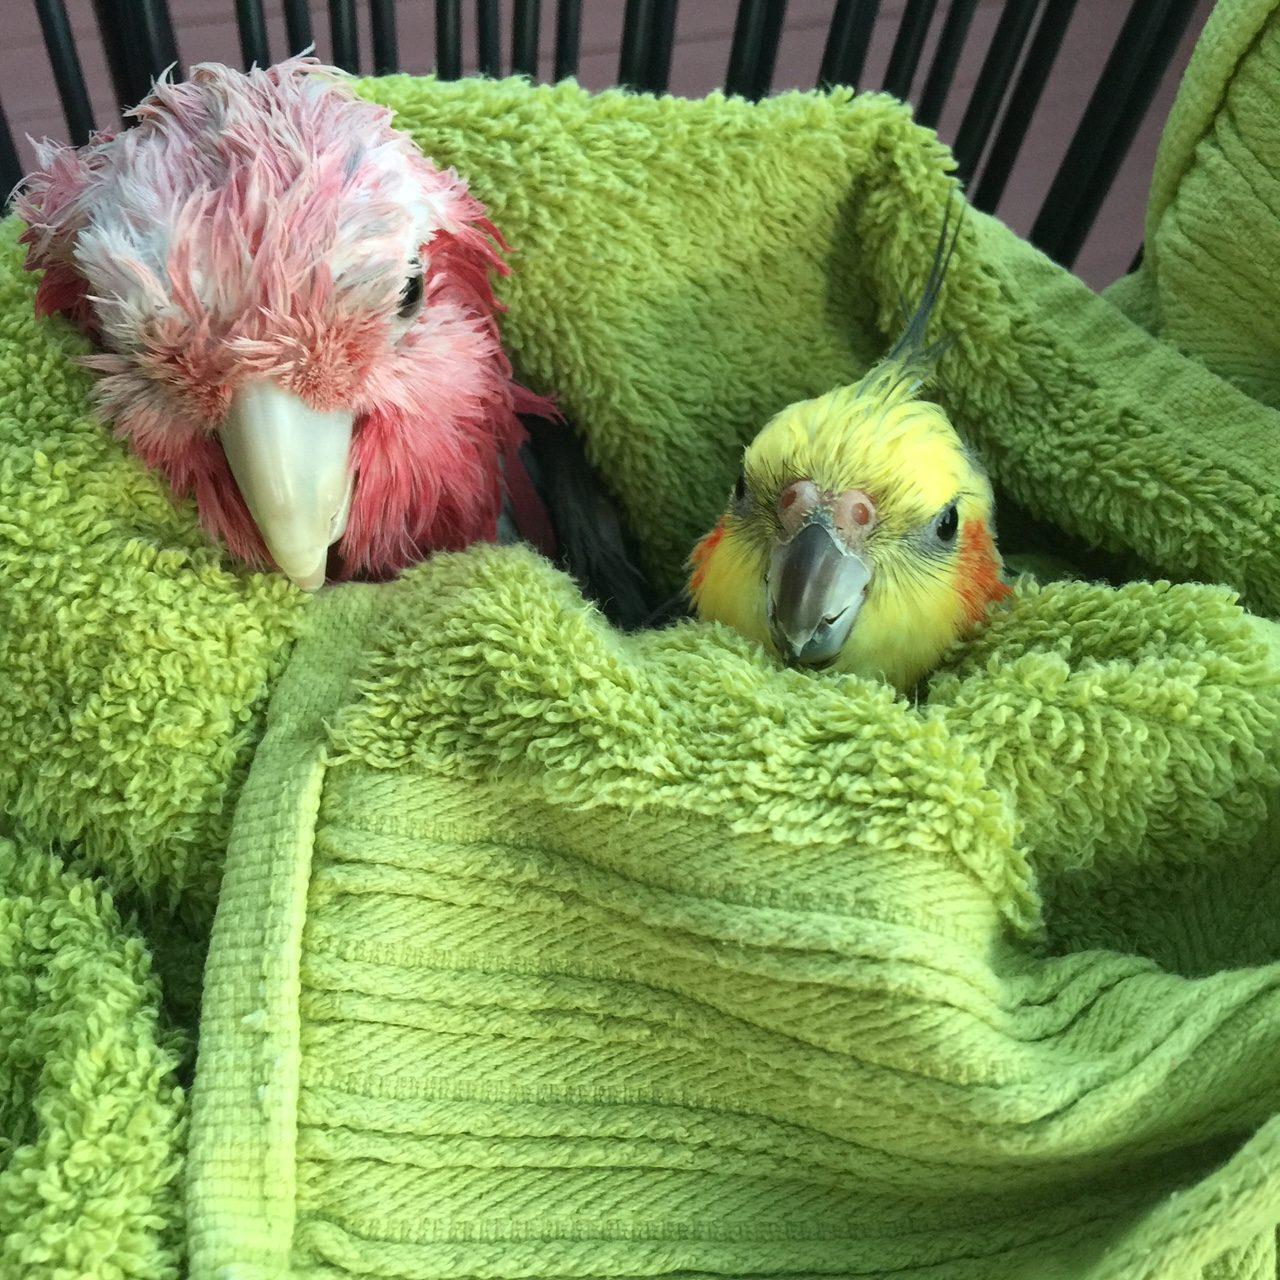 Kenickie-bird - a weiro cockatiel lost in Perth - Perth Blogger Katie Rebekah